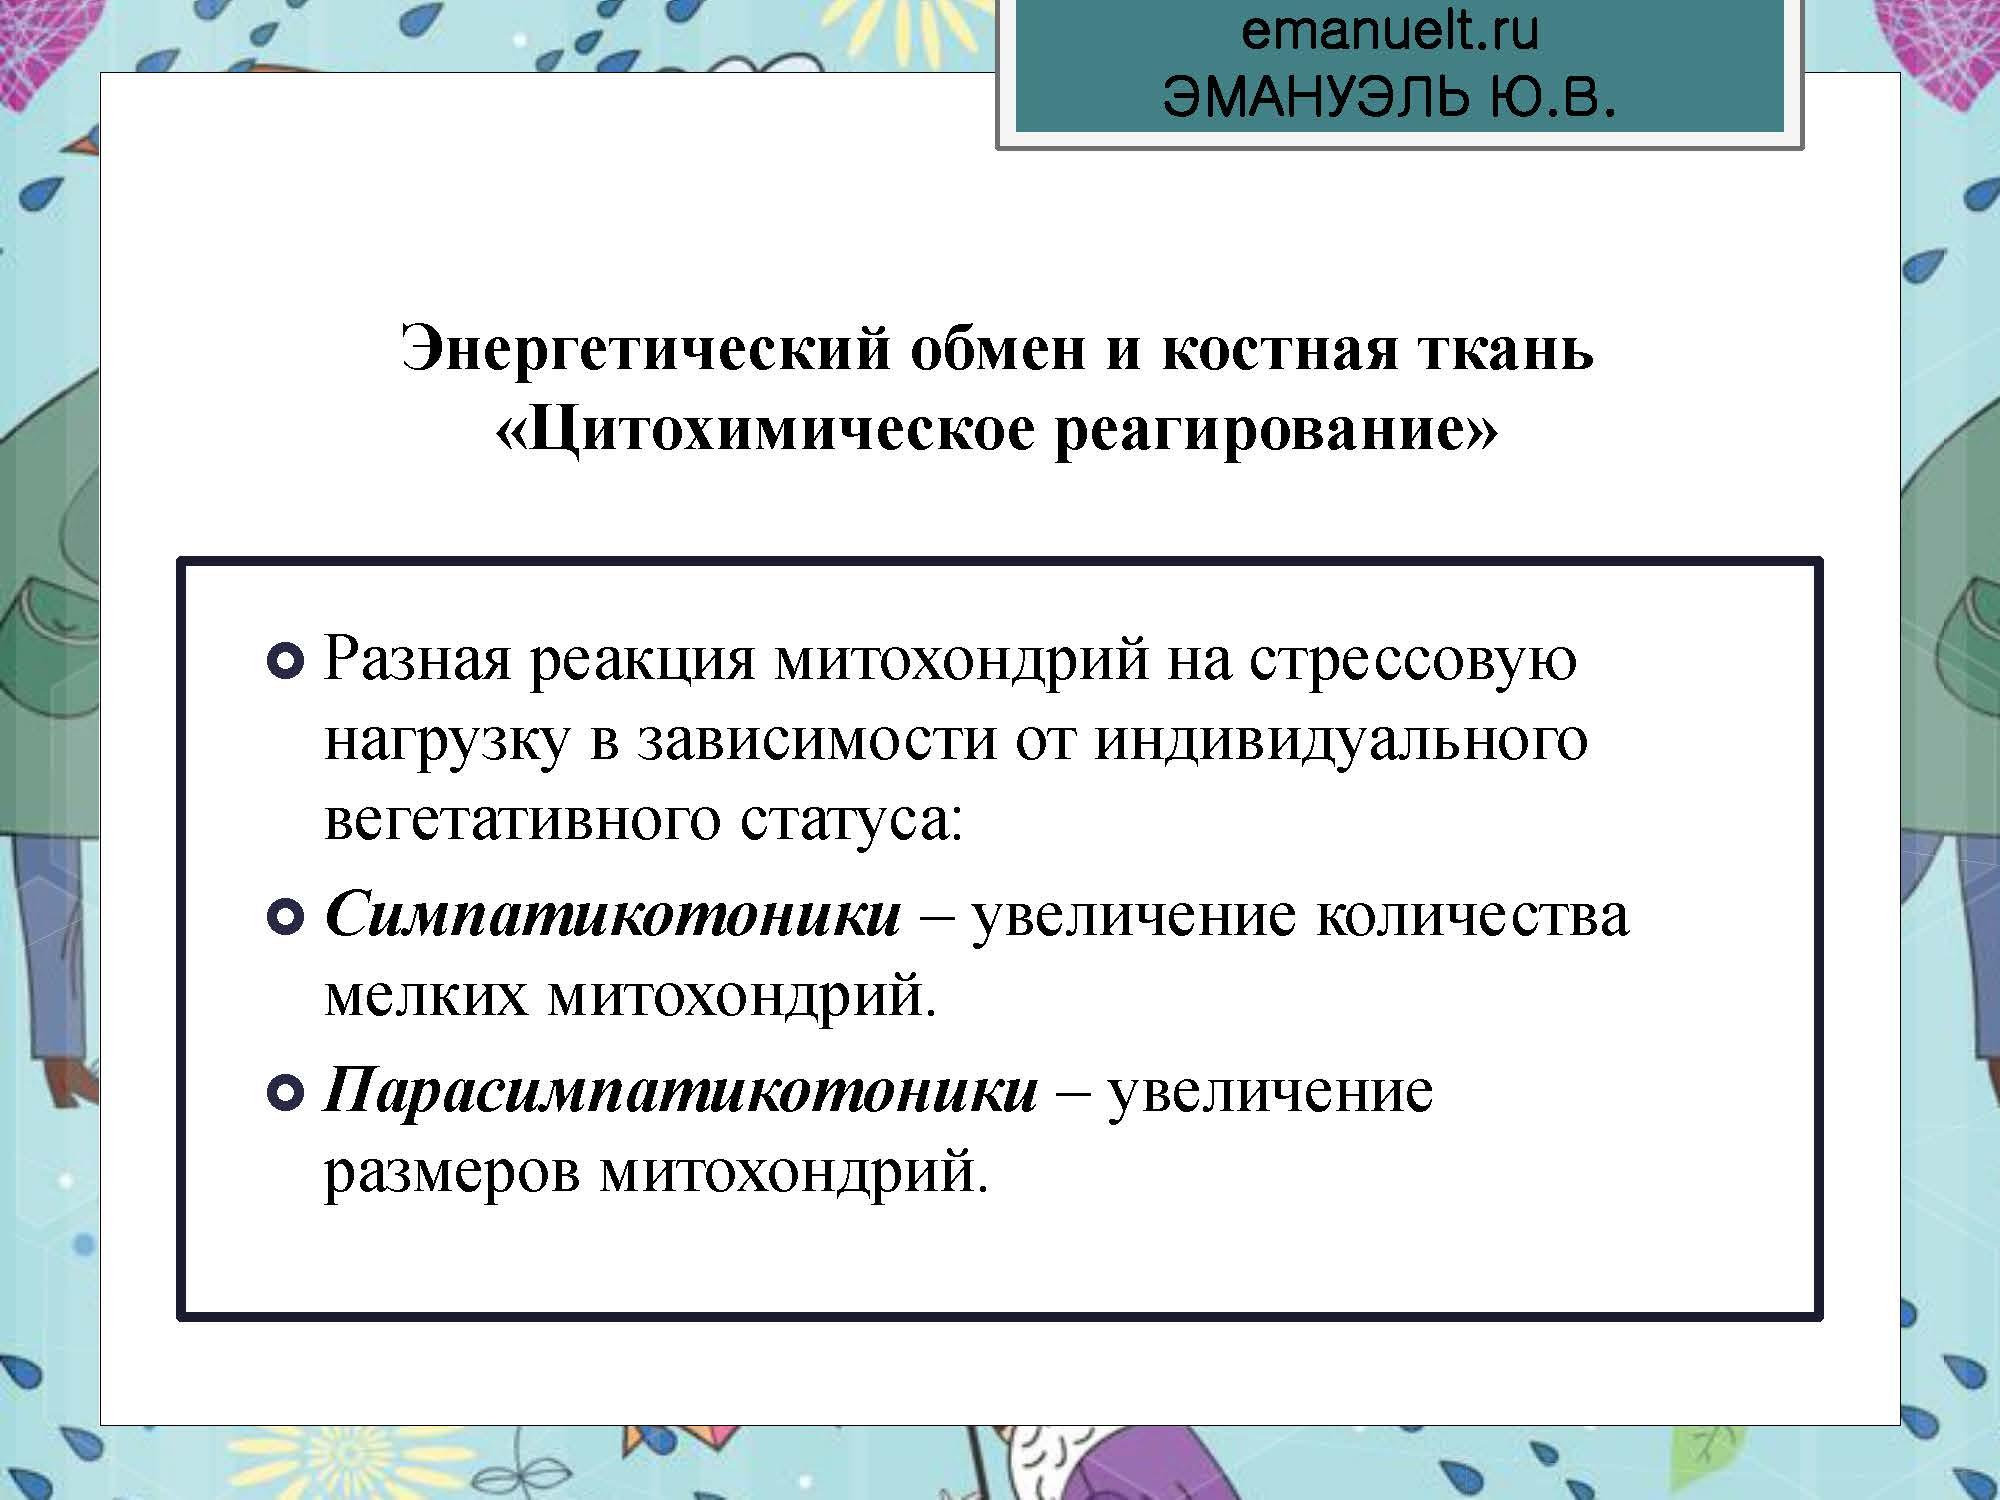 Секция 8. ЭЮВ. СПбГМУ.  26.03_Страница_29